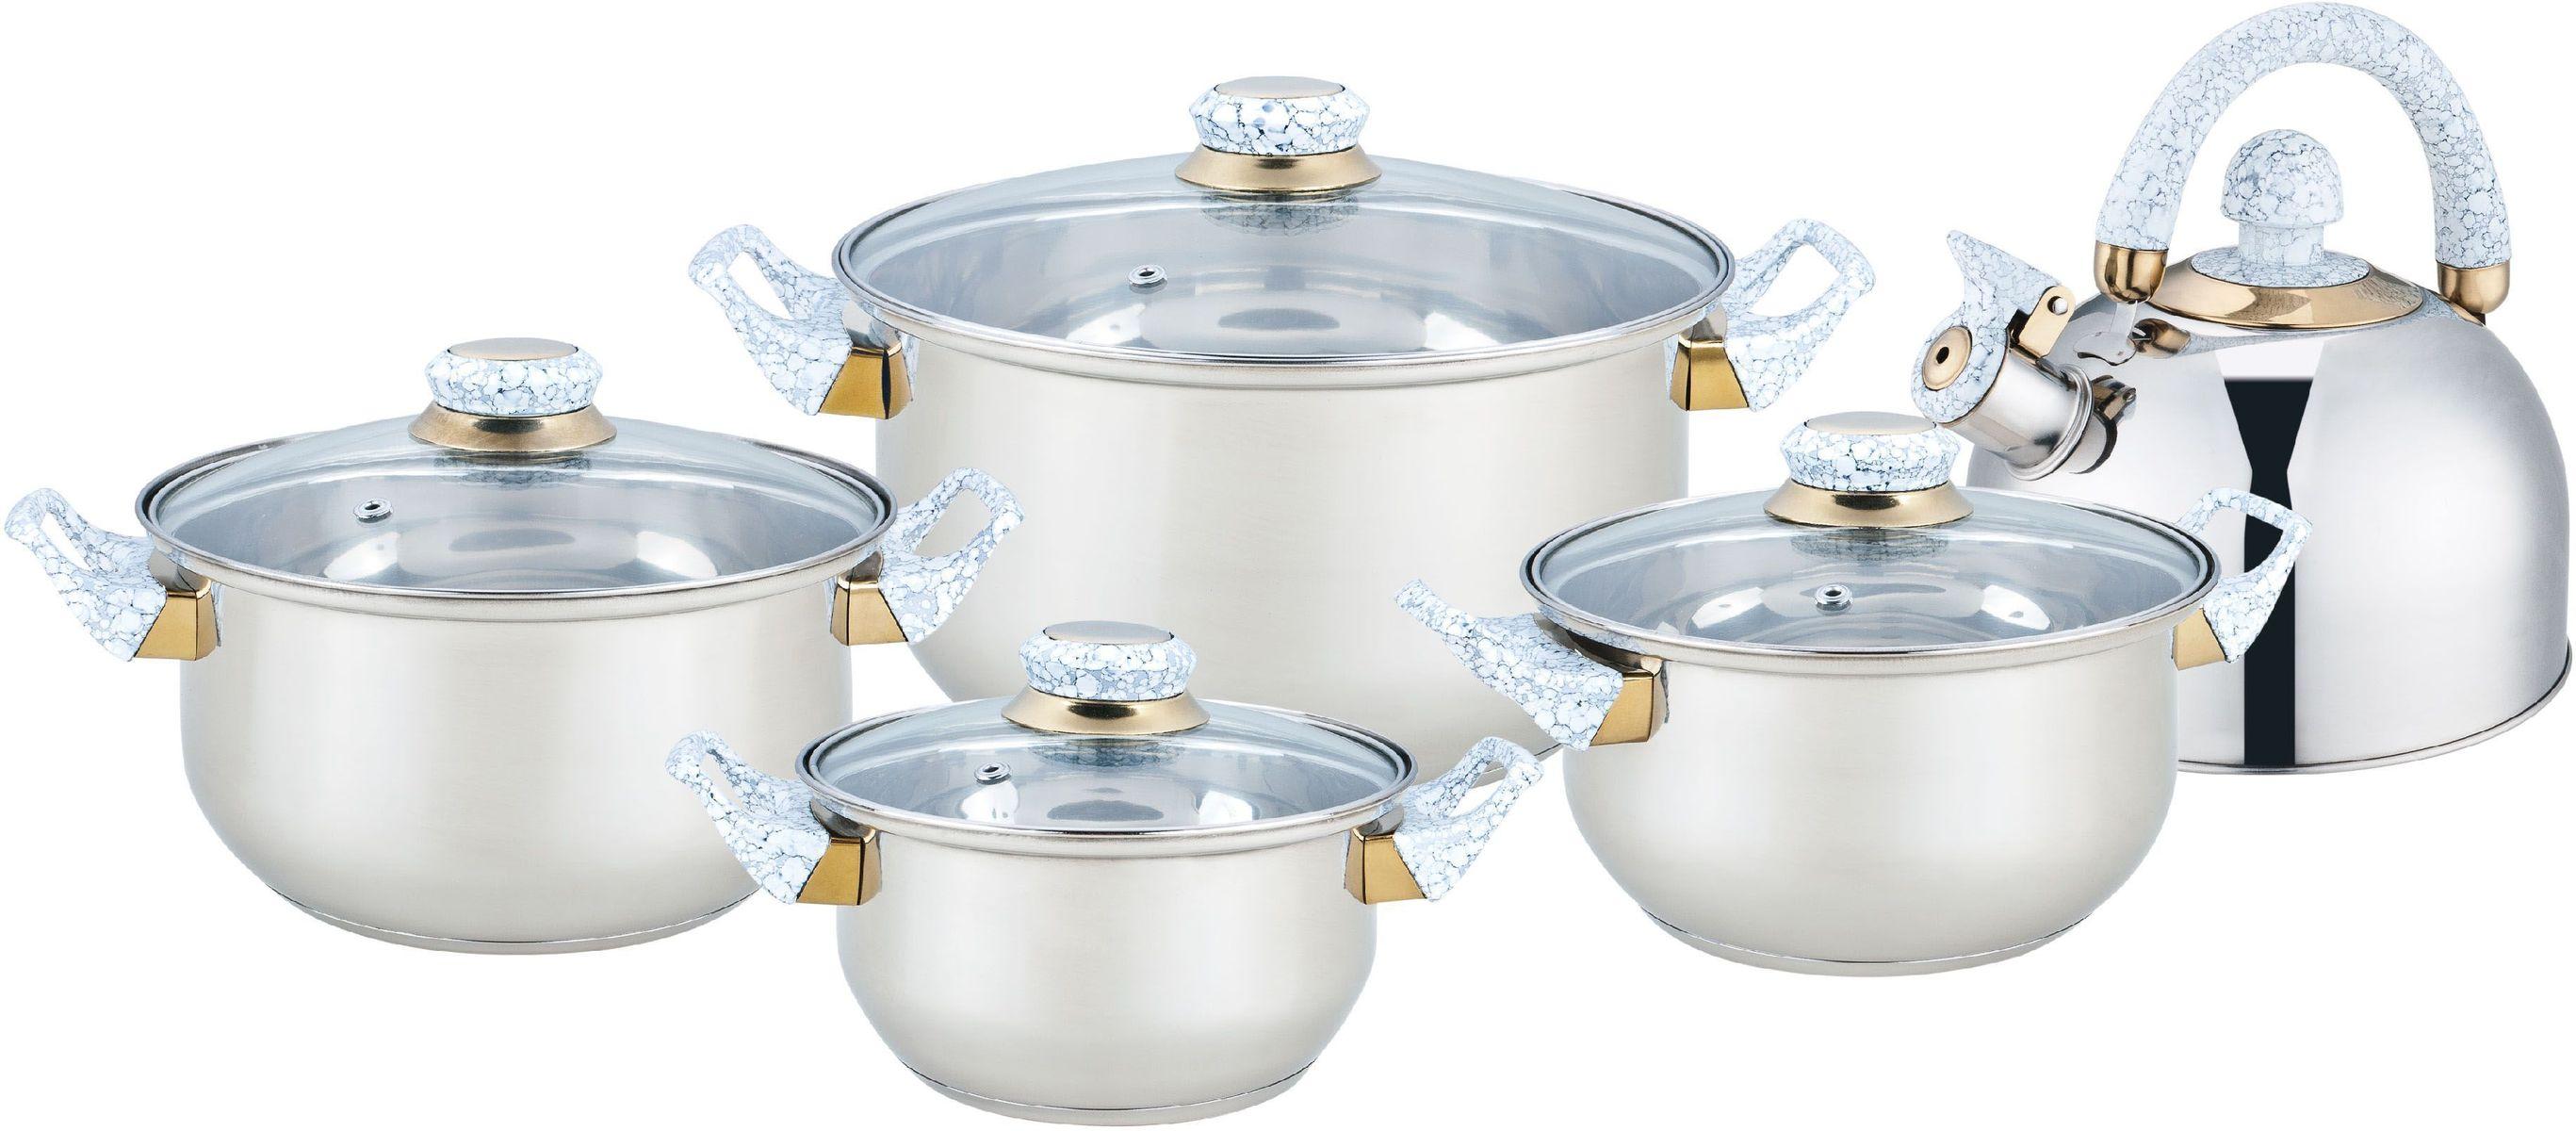 Набор посуды Bekker Classic, 9 предметовBK-4601Набор Bekker Classic состоит из 4 кастрюль с крышками и чайника со свистком. Изделия изготовлены из высококачественной нержавеющей стали. Посуда имеет капсулированное термическое дно - совершенно новая разработка, позволяющая приготавливать здоровую пищу. Благодаря уникальной конструкции дна, тепло, проходя через металл, равномерно распределяется по стенкам посуды. Для приготовления пищи в такой посуде требуется минимальное количество масла, тем самым уменьшается риск потери витаминов и минералов в процессе термообработки продуктов. Крышки выполнены из жаростойкого прозрачного стекла, оснащены бакелитовой ручкой, металлическим ободом и отверстием для выпуска пара. Такие крышки позволяют следить за процессом приготовления пищи без потери тепла. Они плотно прилегают к краю и сохраняют аромат блюд. Подходит для всех плит, кроме индукционных. Можно мыть в посудомоечной машине.Объем кастрюль: 1,6 л, 2,4 л, 2,8 л, 5,6 л.Внутренний диаметр кастрюль: 16 см, 18 см, 20 см, 24 см.Объем чайника: 2 л.